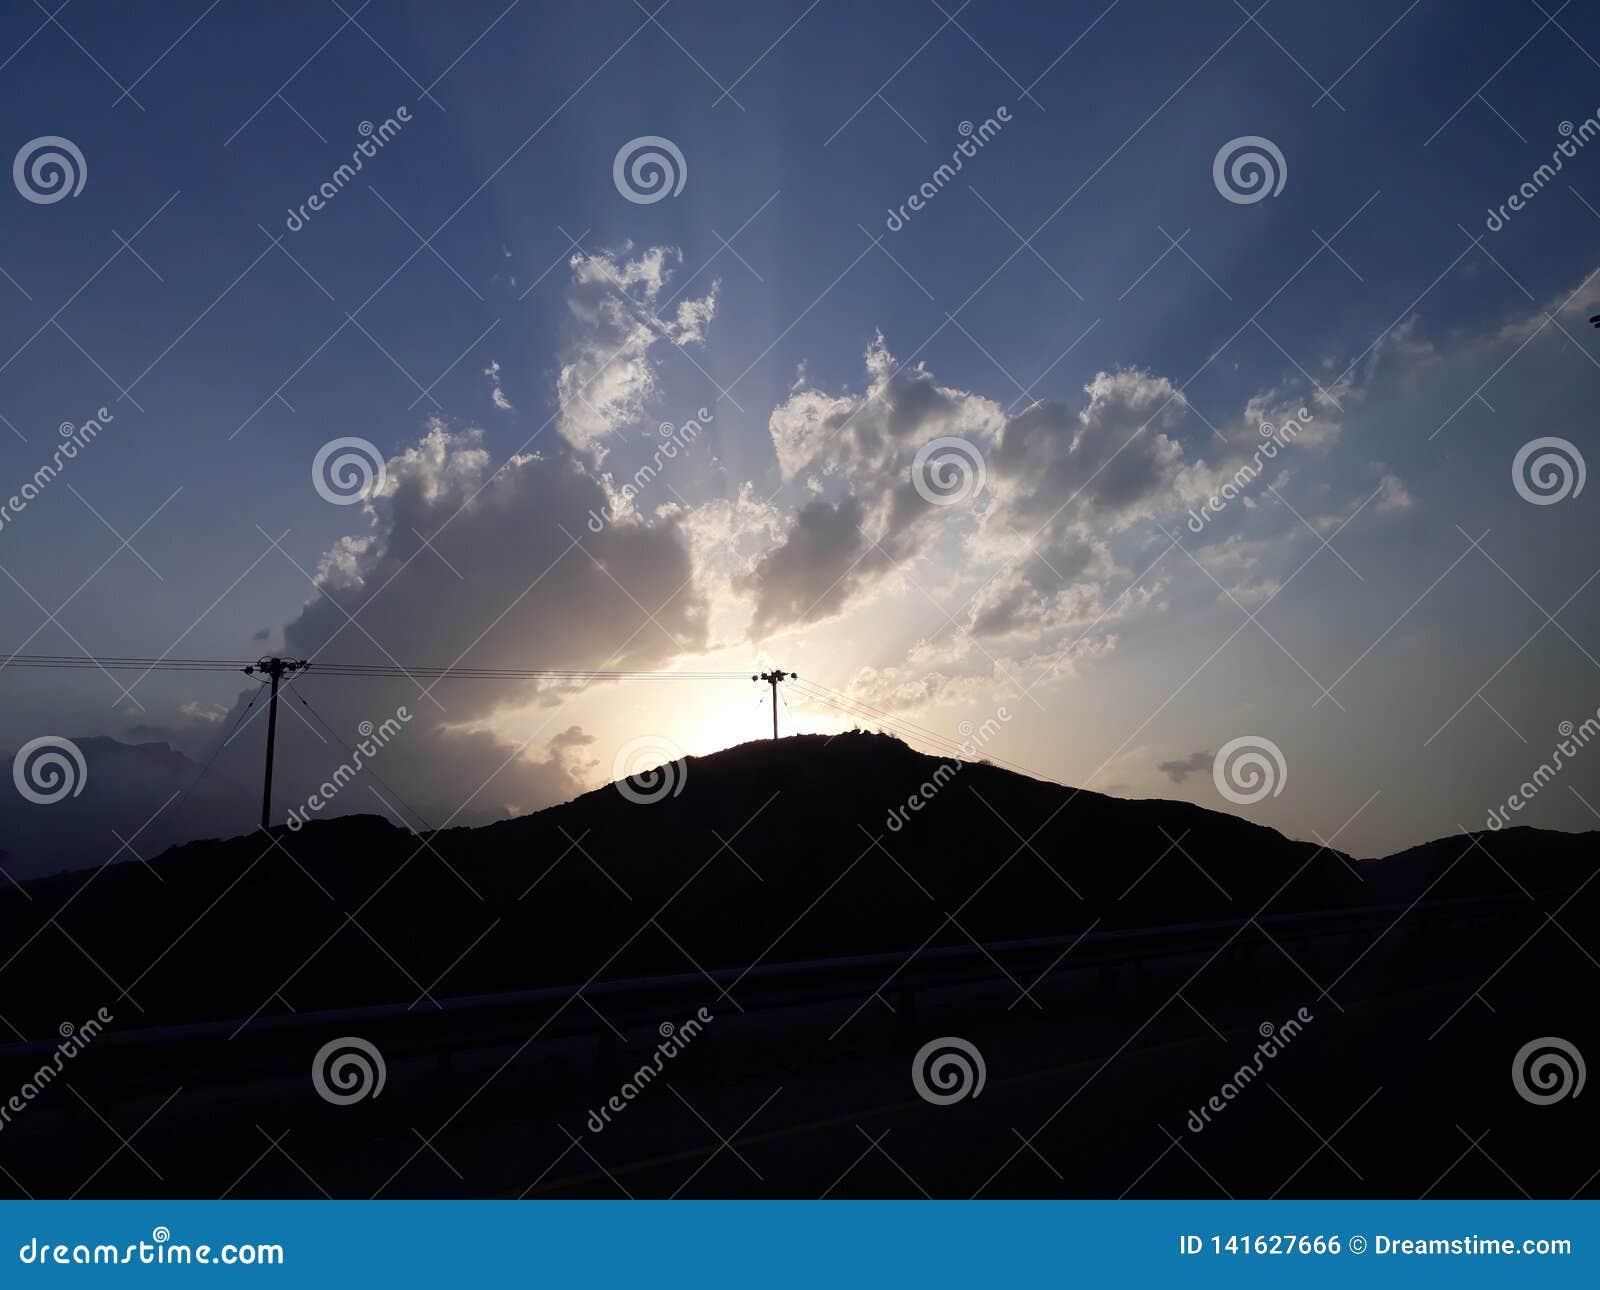 Sol som försöker att fördela dess ljus, medan moln försöker att täcka det De solstrålar ser härliga